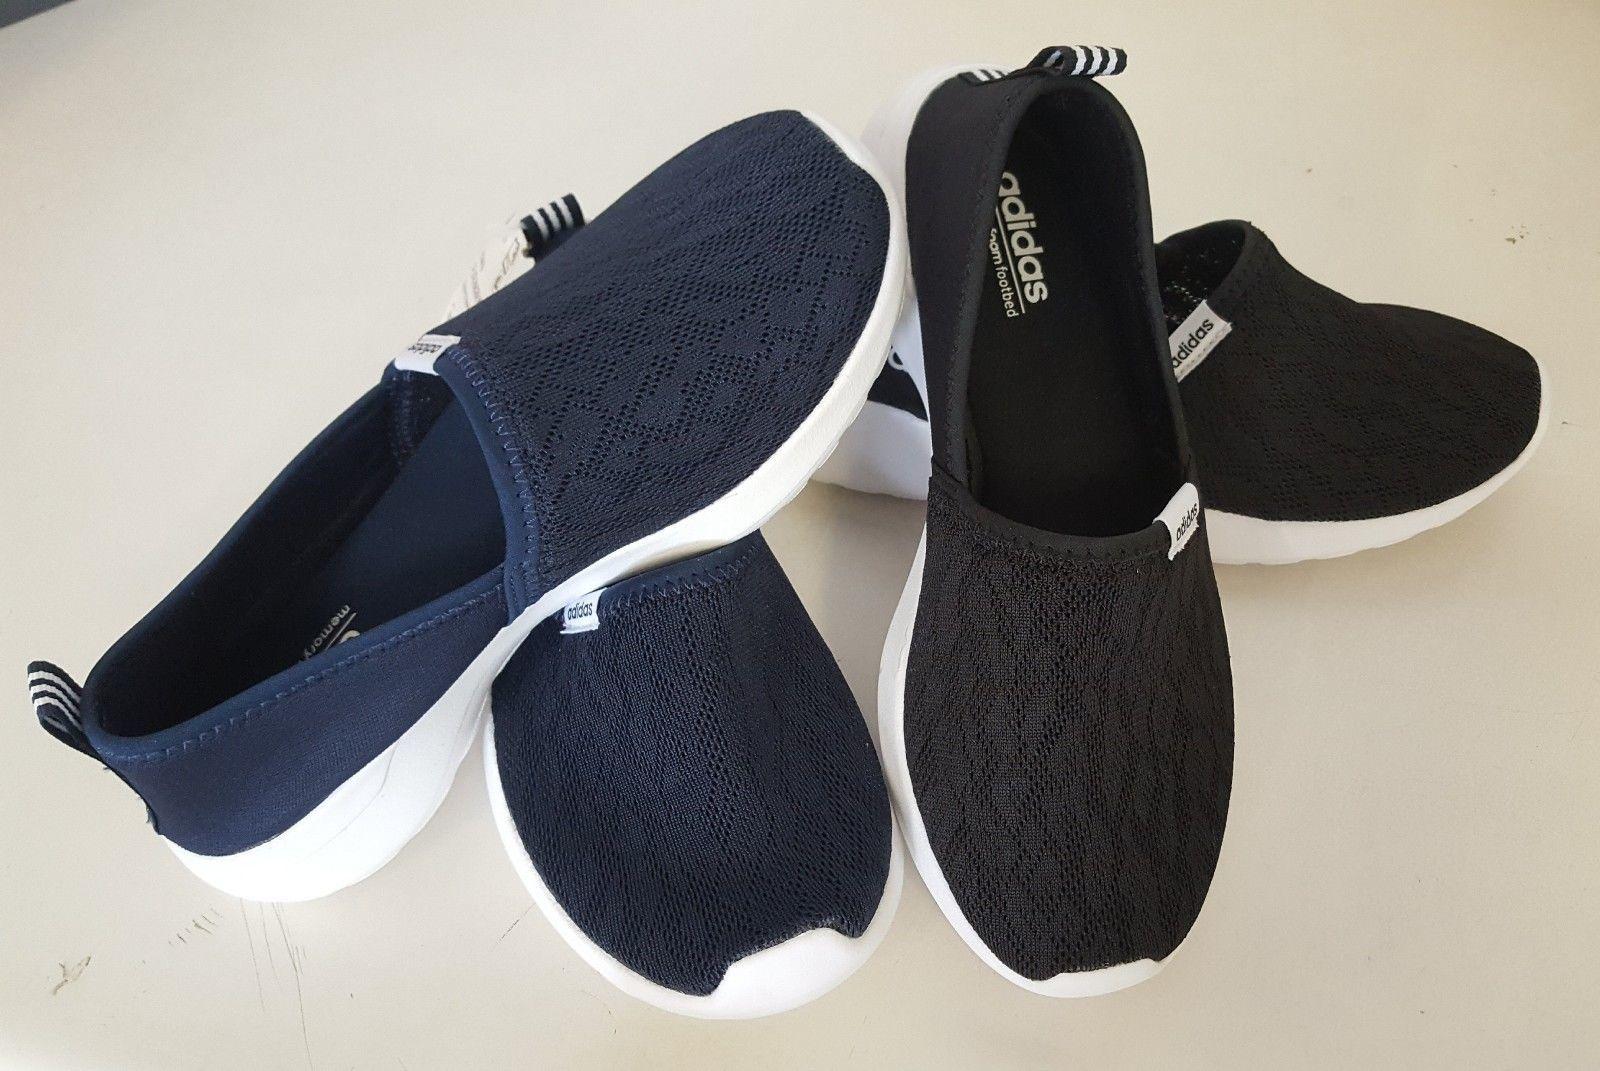 Nuove Adidas Neo - Lite Donne / Ragazze Cloudfoam Lite - E 49 Oggetti Simili b11676